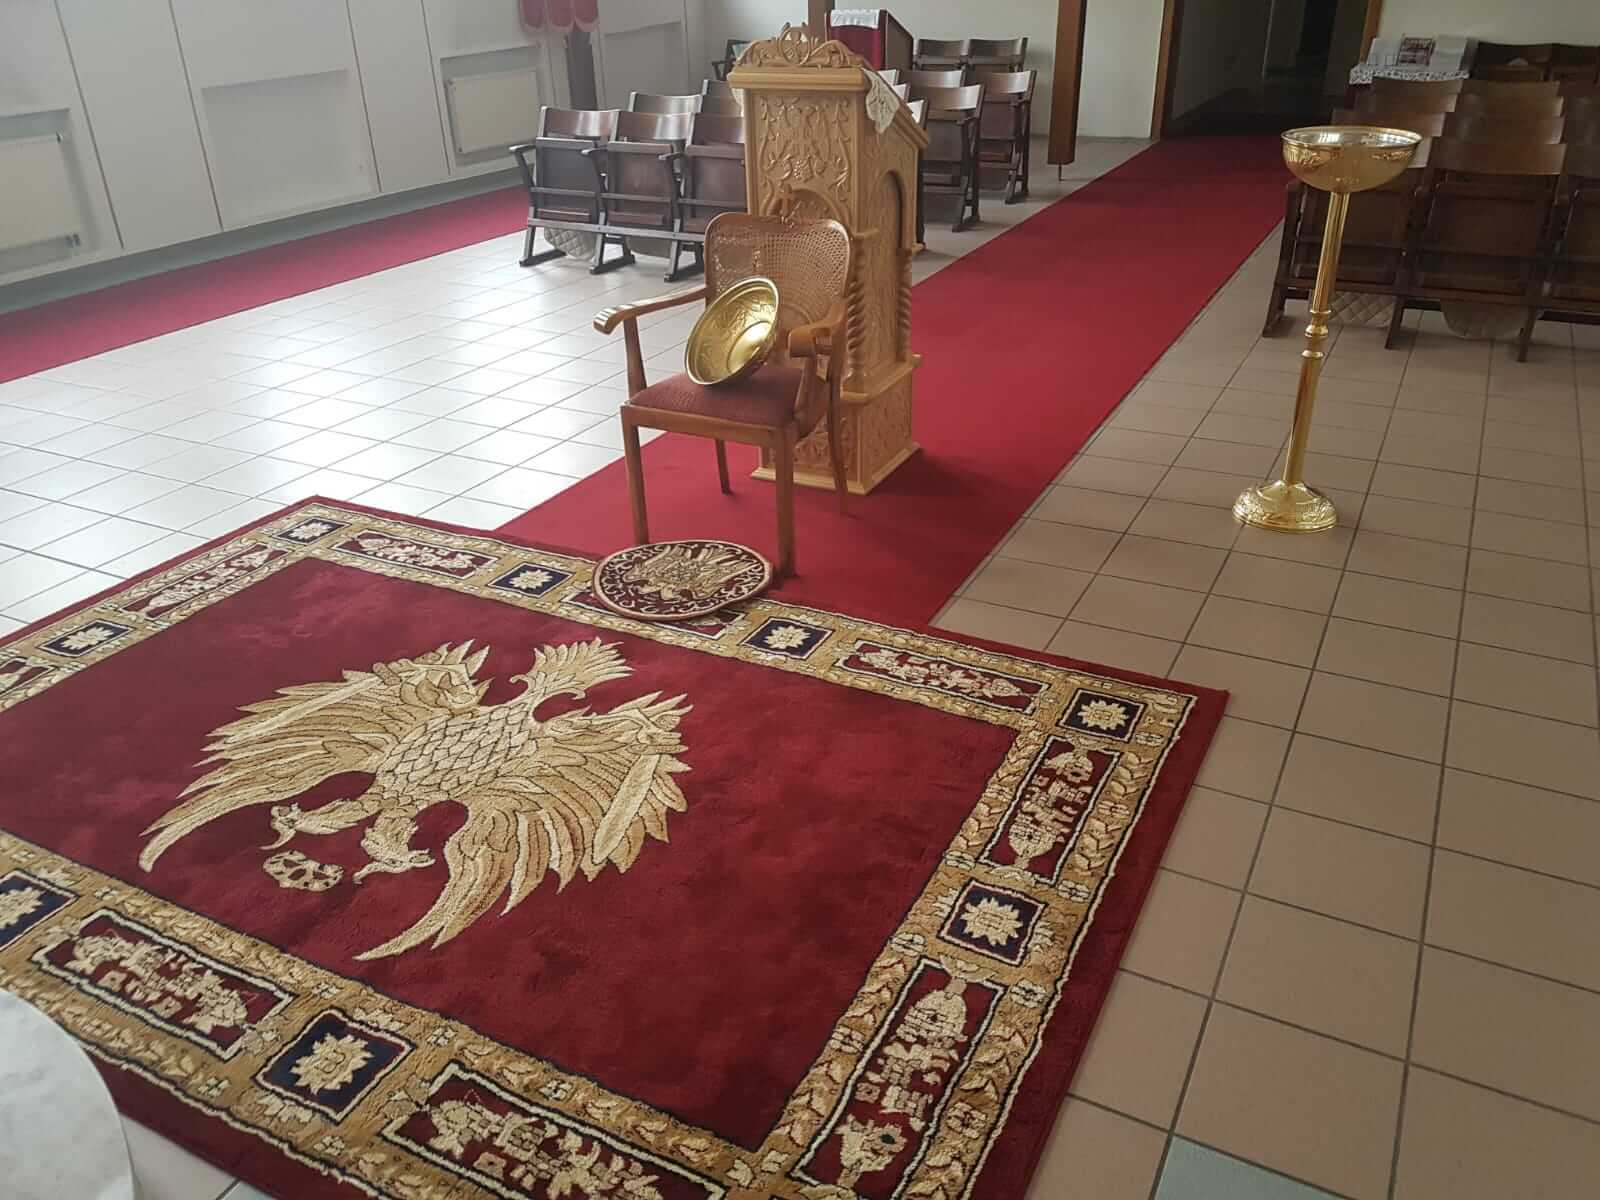 Crkva u Ulmu-enterijer 4